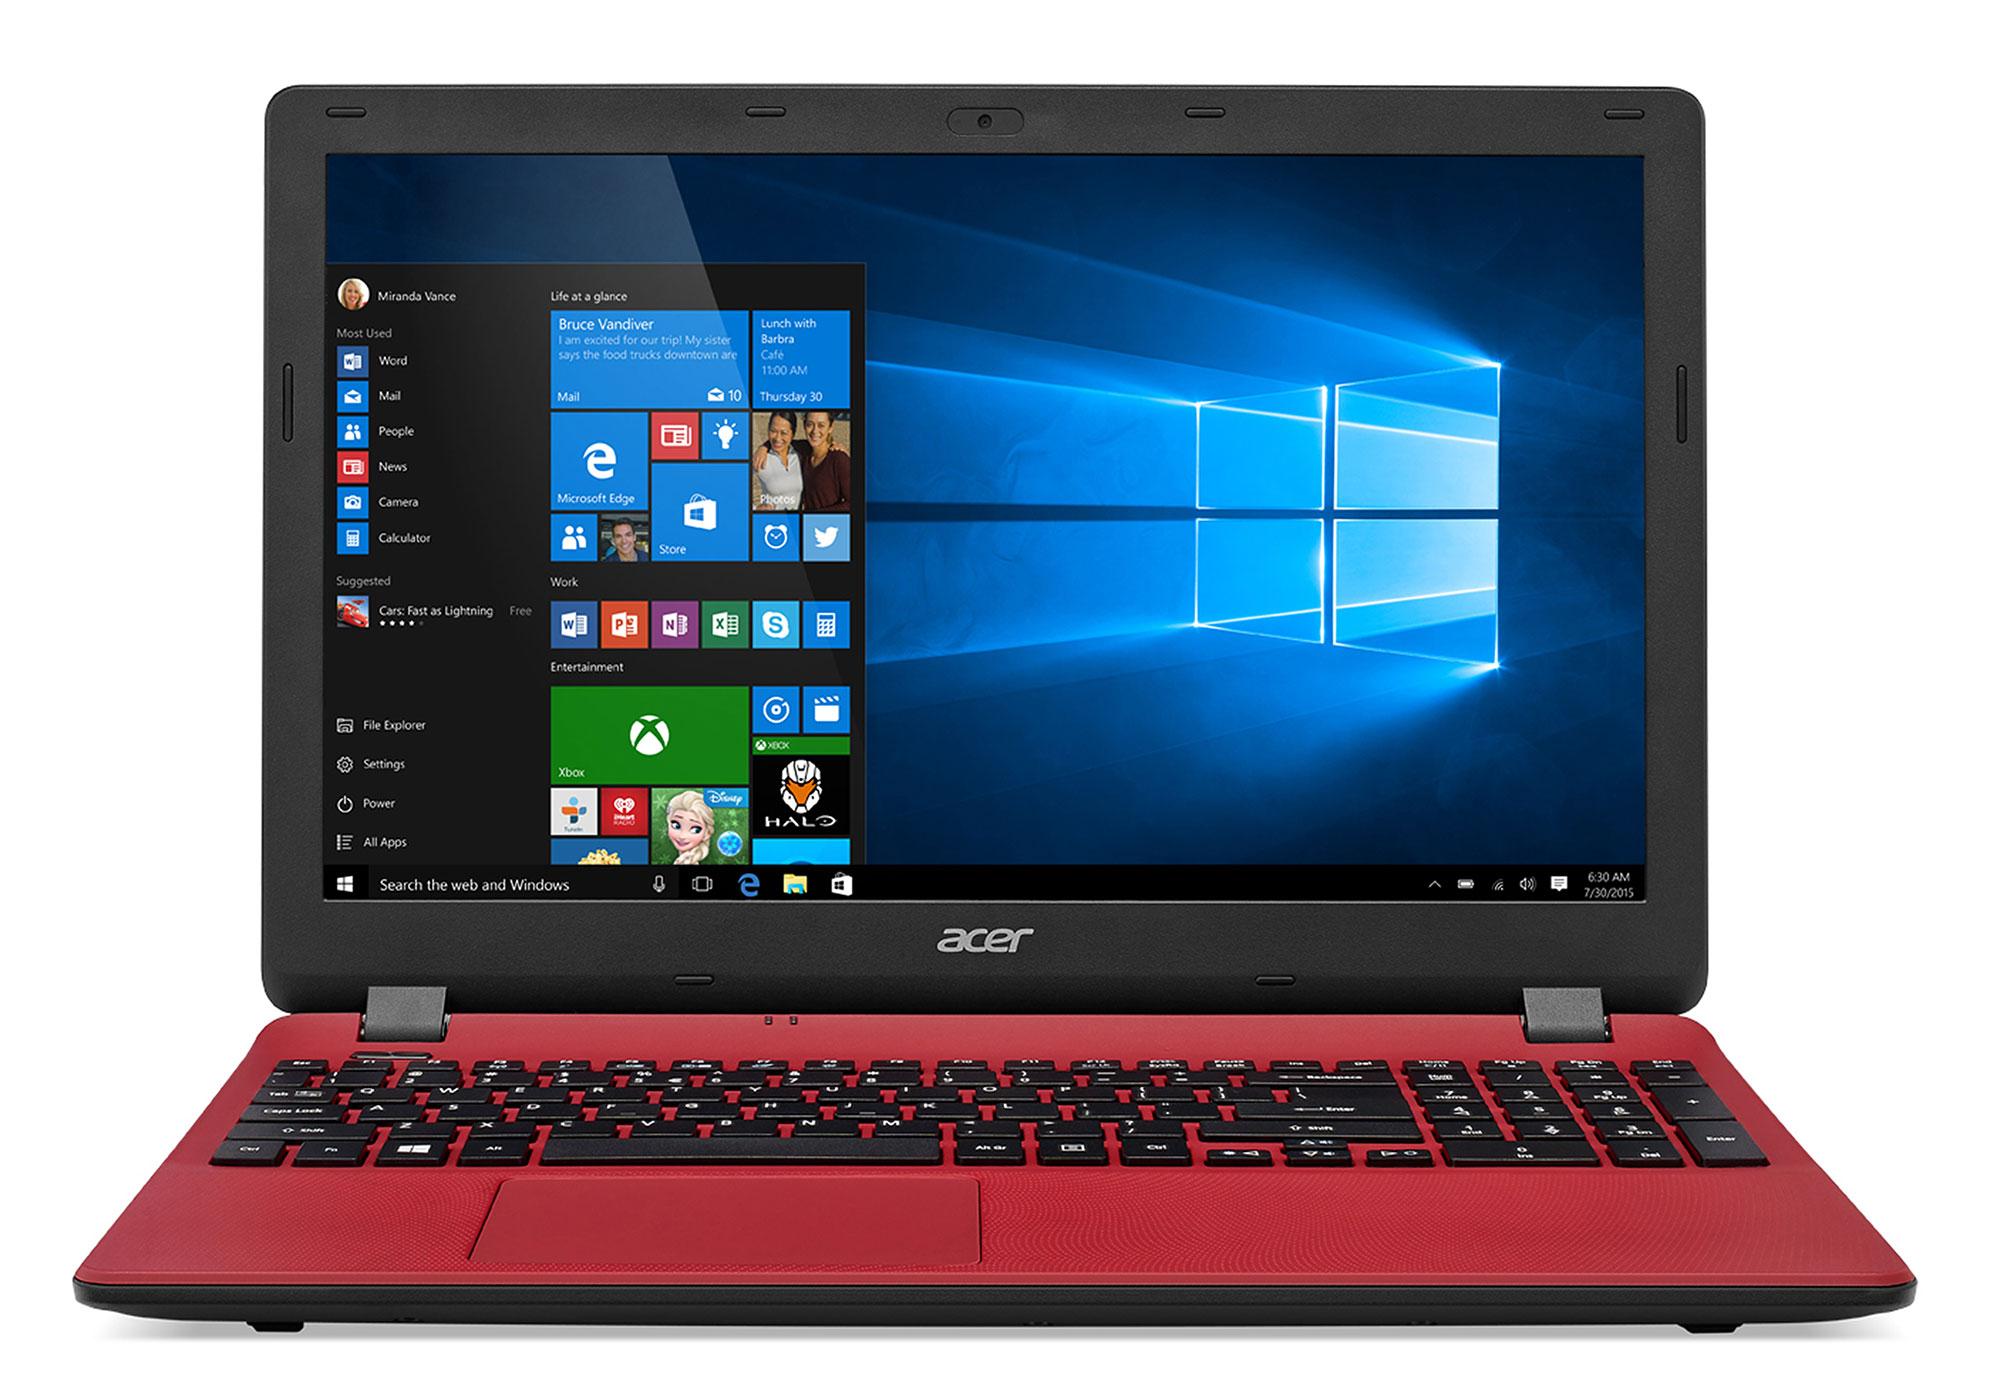 Stockists of Acer Aspire ES 15 Intel Pentium Processor 15